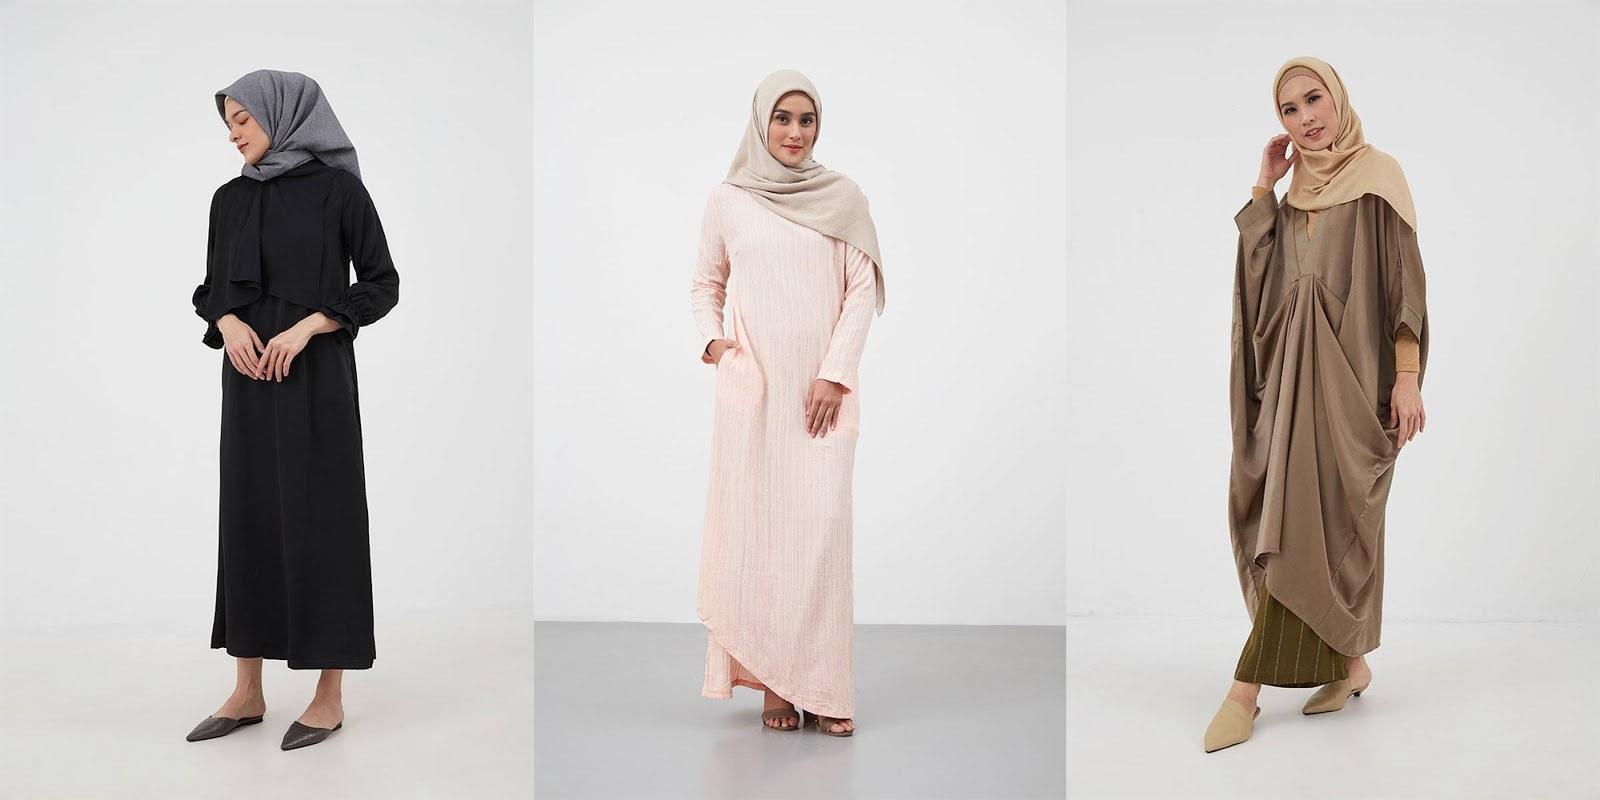 Inspirasi Trend Baju Lebaran Tahun 2020 Dddy Intip Trend Model Baju Gamis Lebaran 2020 Dari Hijabenka